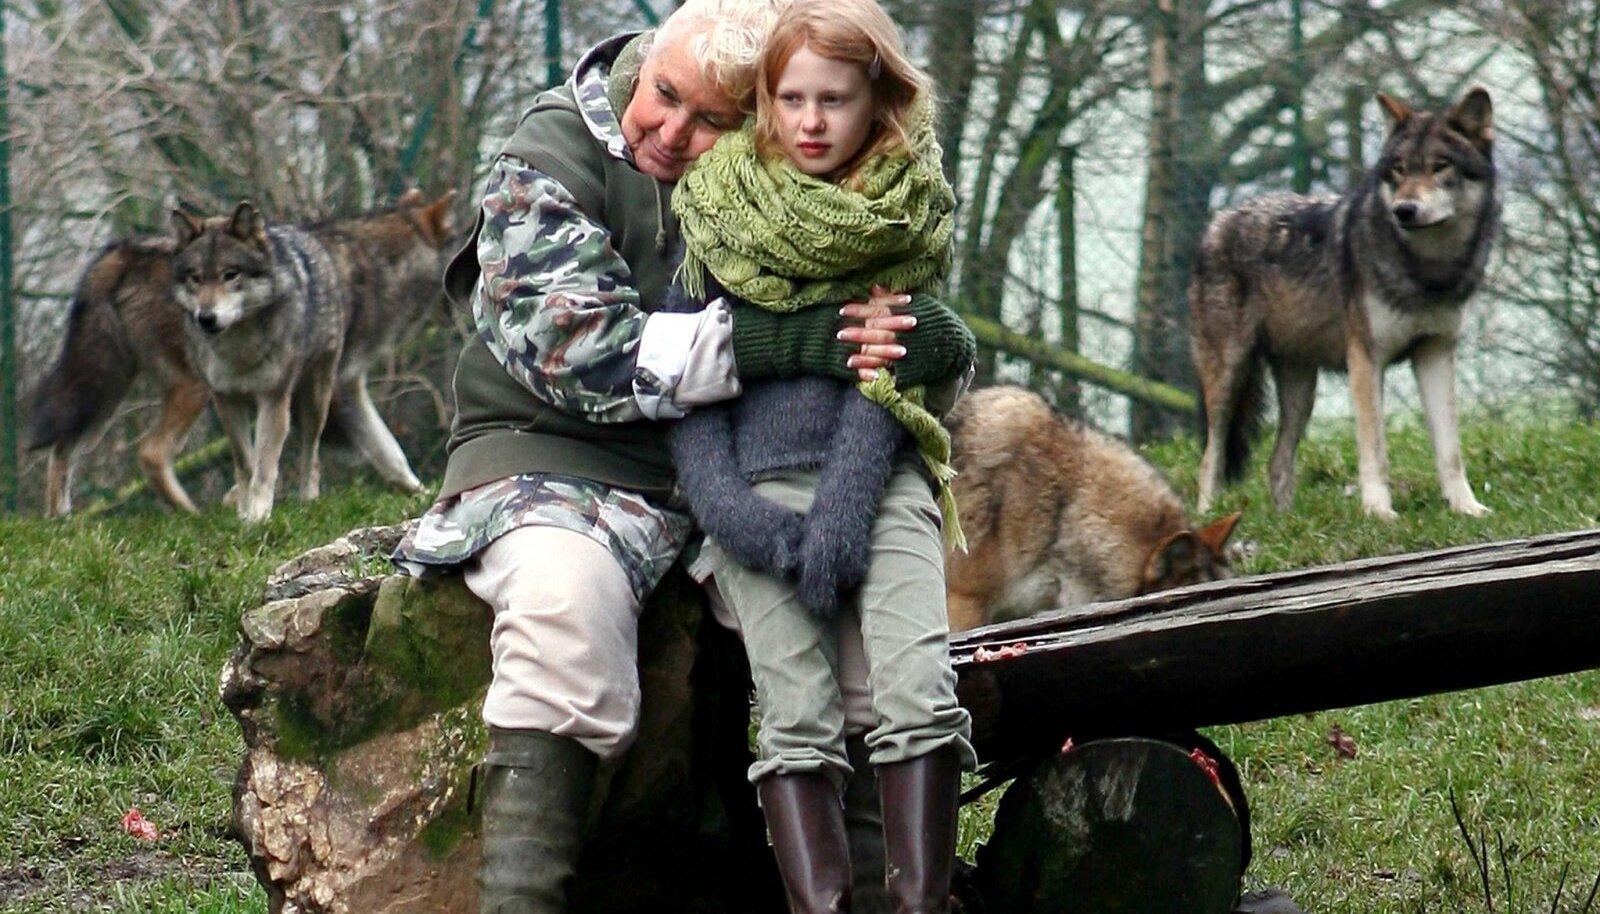 """KOOS HUNTIDEGA: Libaeluloo autor Misha Defonseca poseerimas koos filmis teda ennast mänginud noore näitlejanna Mathilde Goffartiga. Defonseca valesid täis raamatust vändati aastal 2007 film """"Surviving with Wolves""""."""